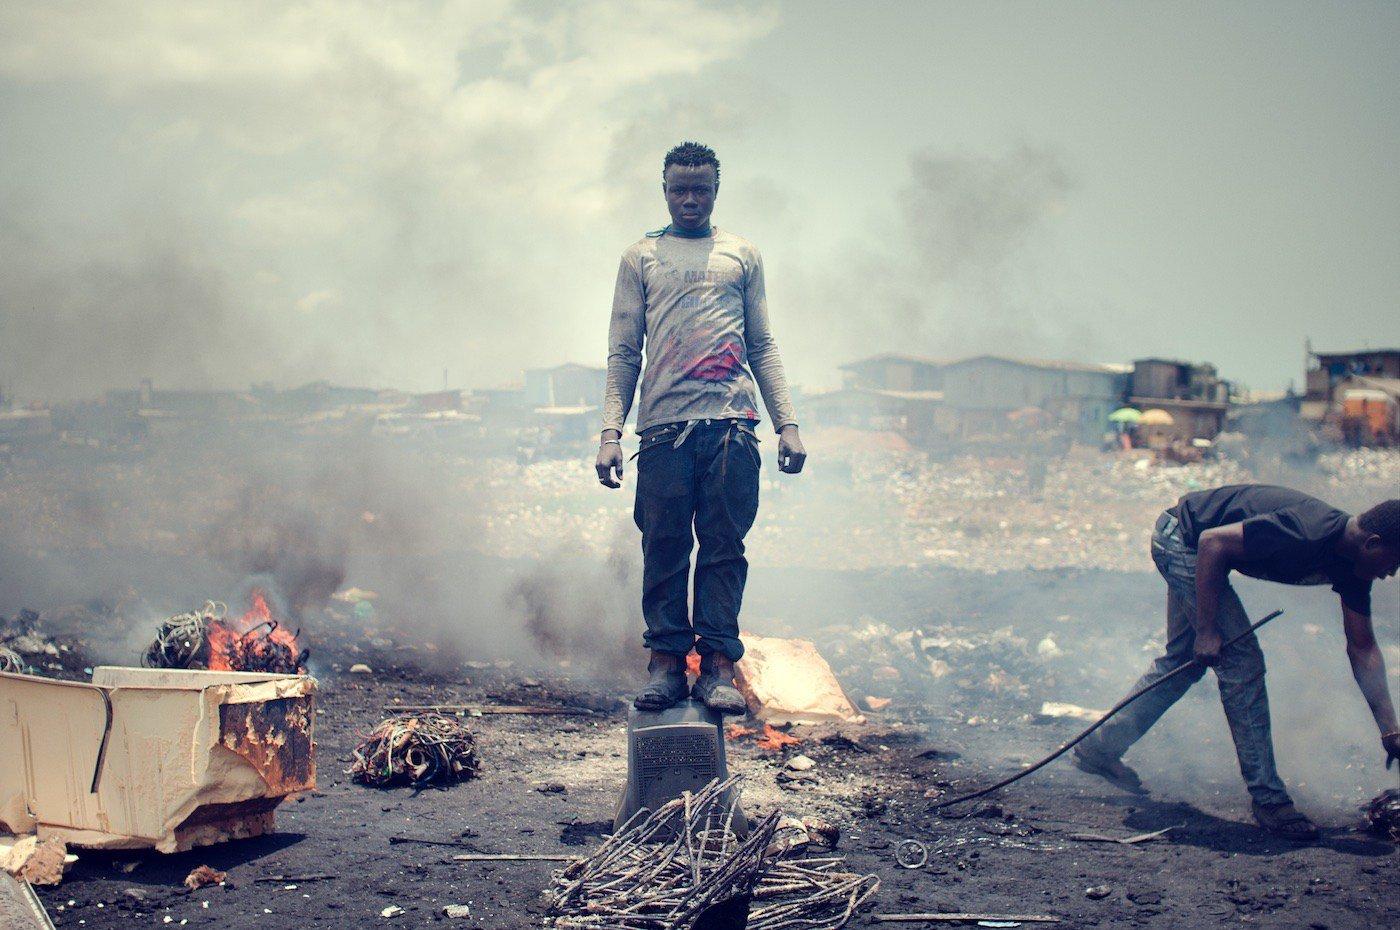 Agbogbloshie_KevinMcElvaney_Accra_e-waste-21